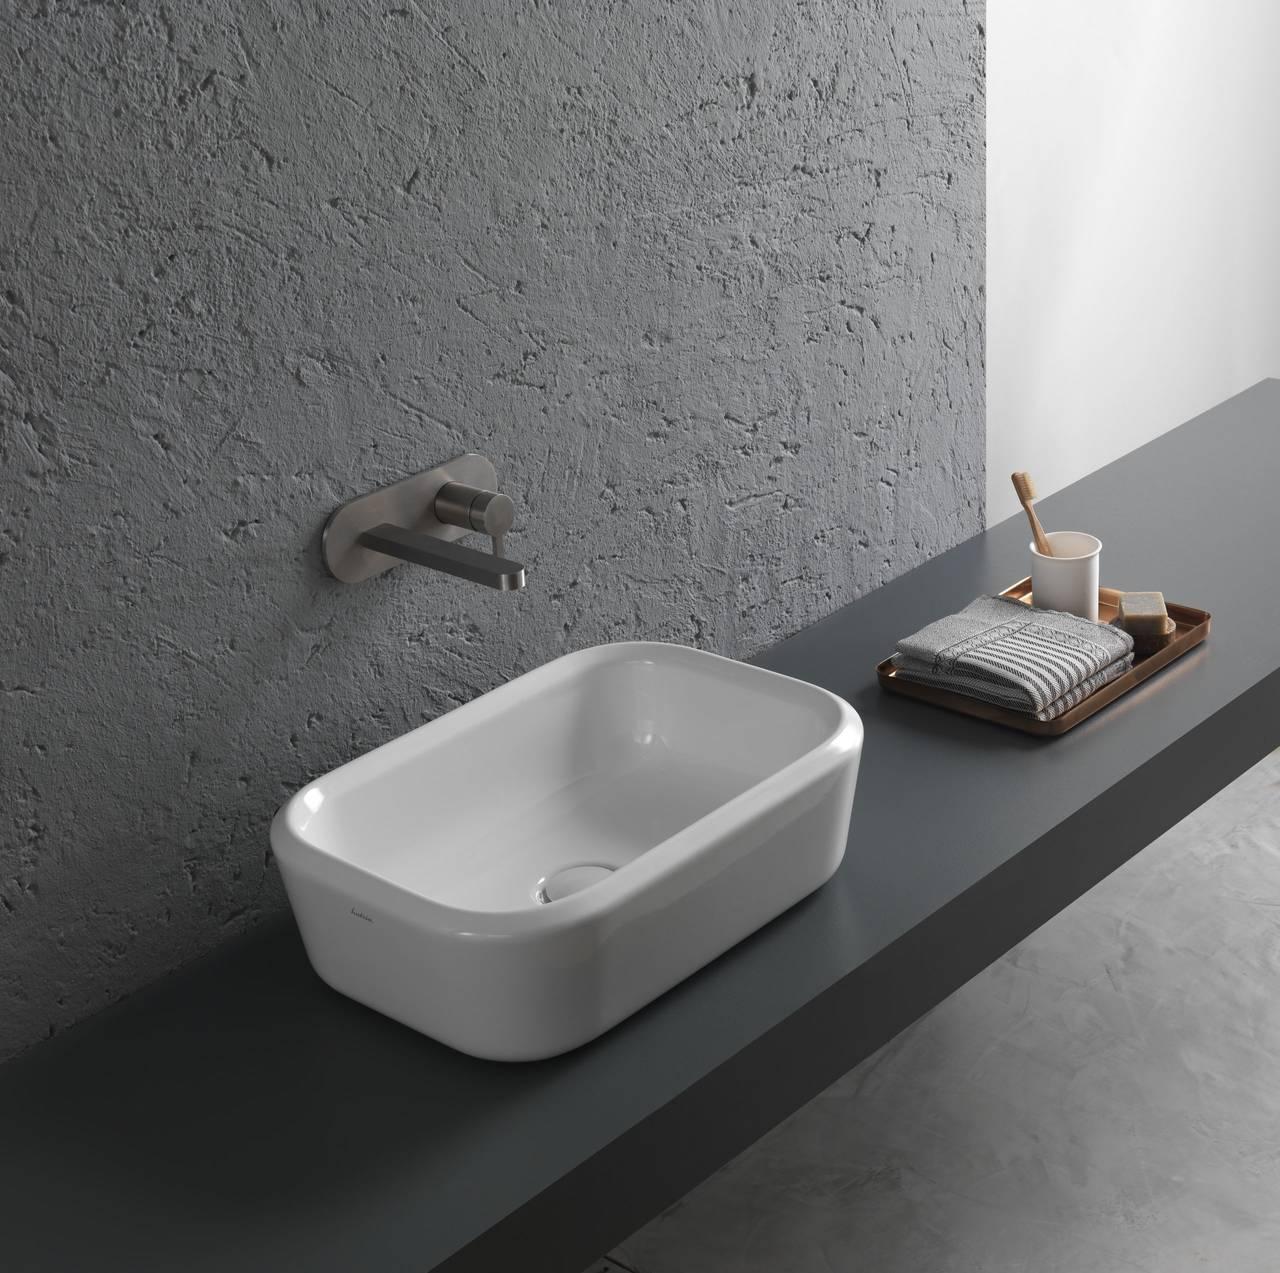 Sanitari per il bagno: wc, bidet e lavabi delle migliori marche